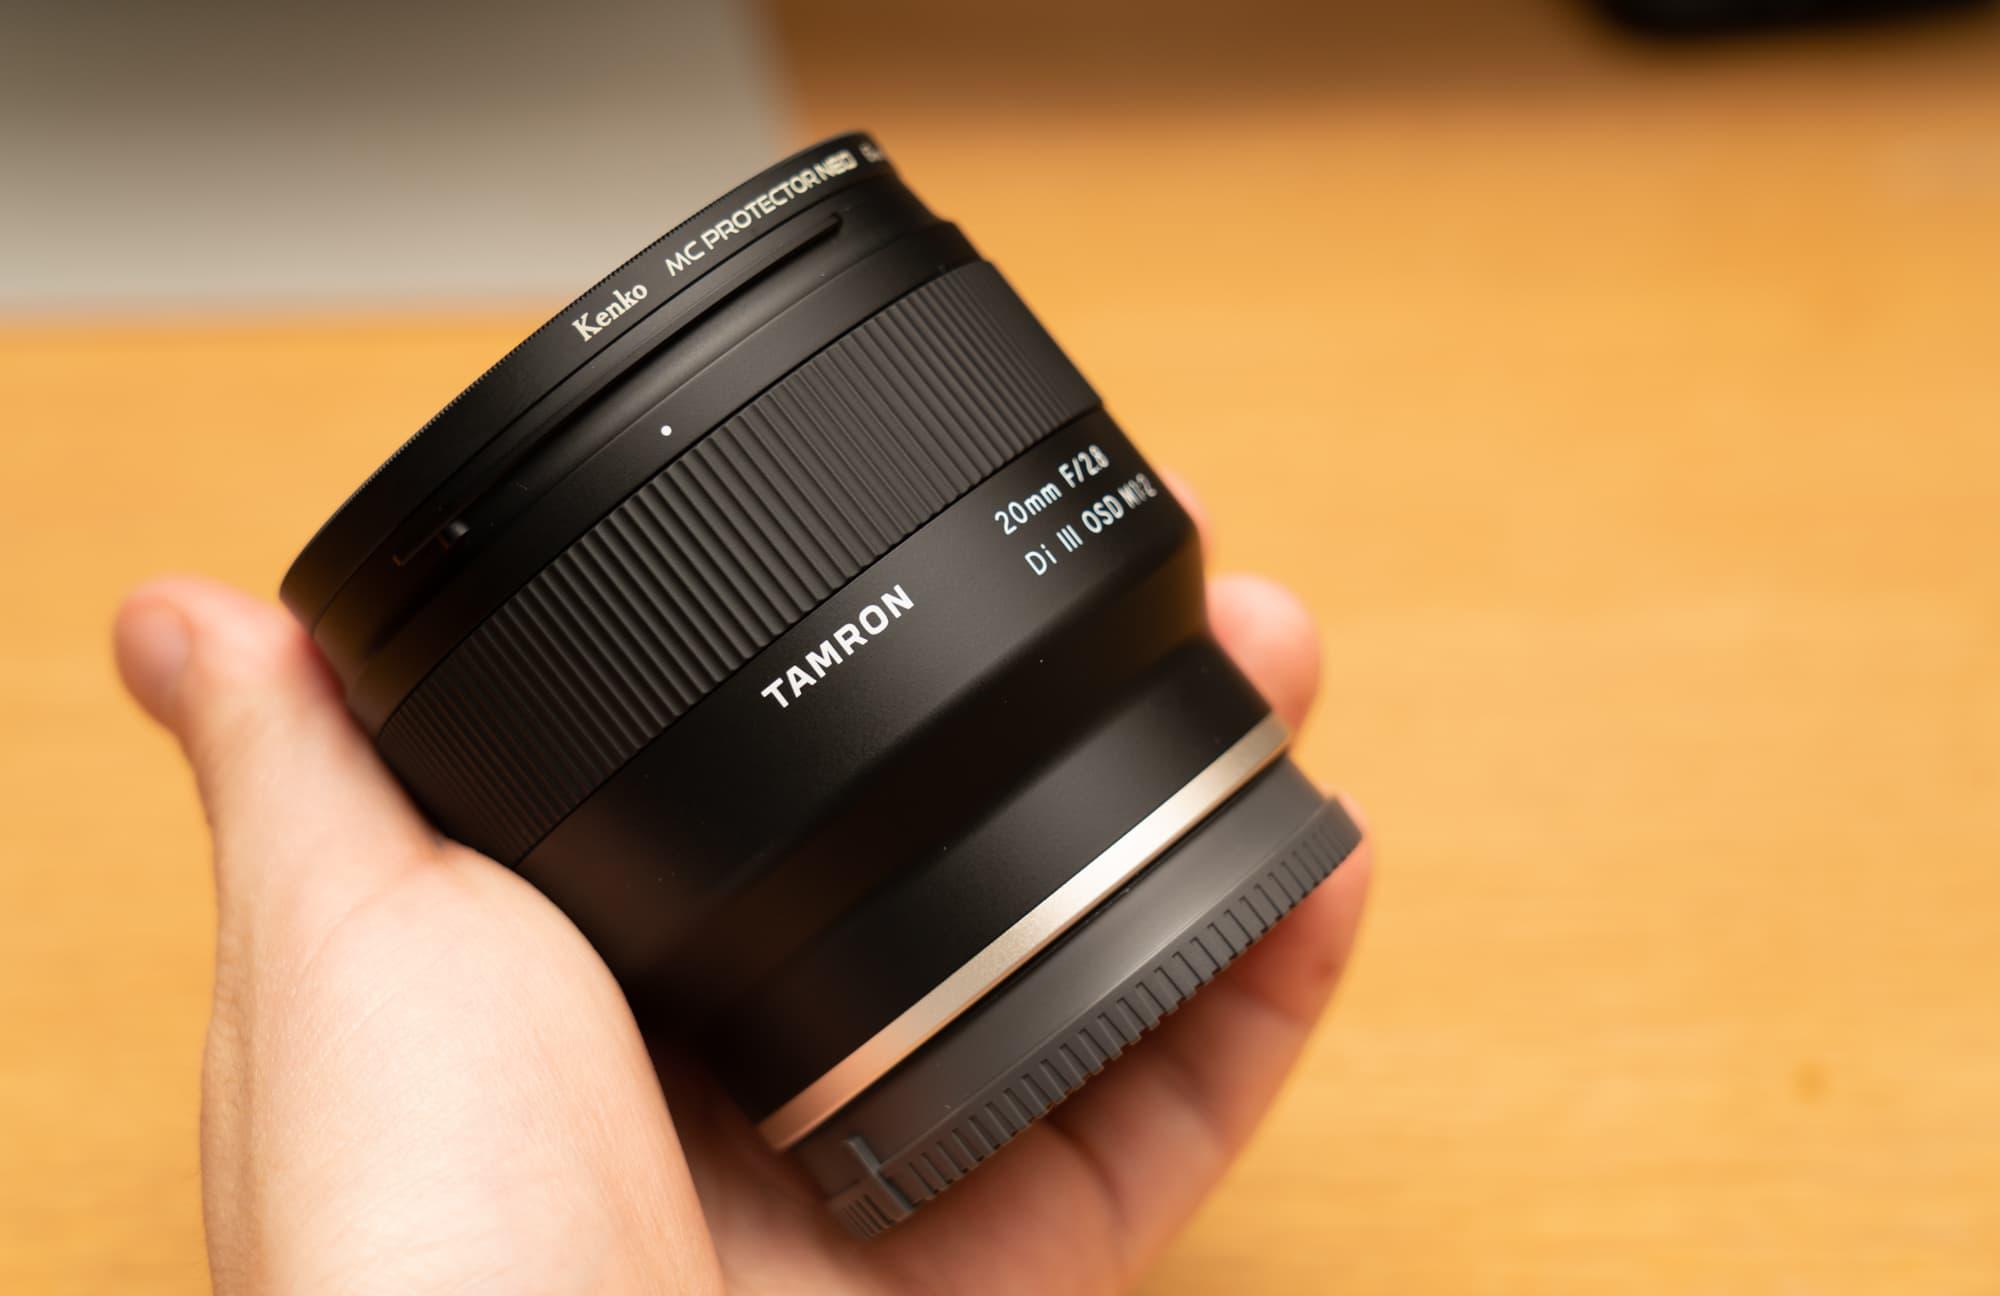 【レビュー】ハーフマクロ広角単焦点レンズ「TAMRON F050 20mm F2.8」を購入しました